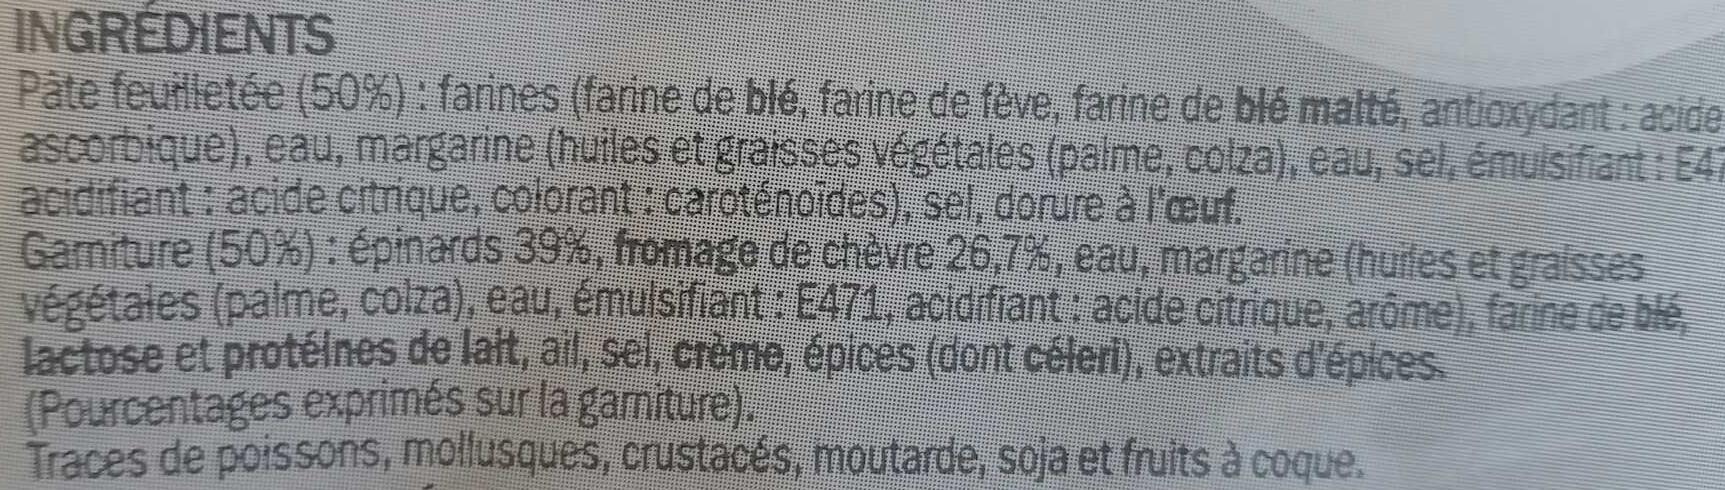 Feuilletés épinards et chèvre - Ingrediënten - fr